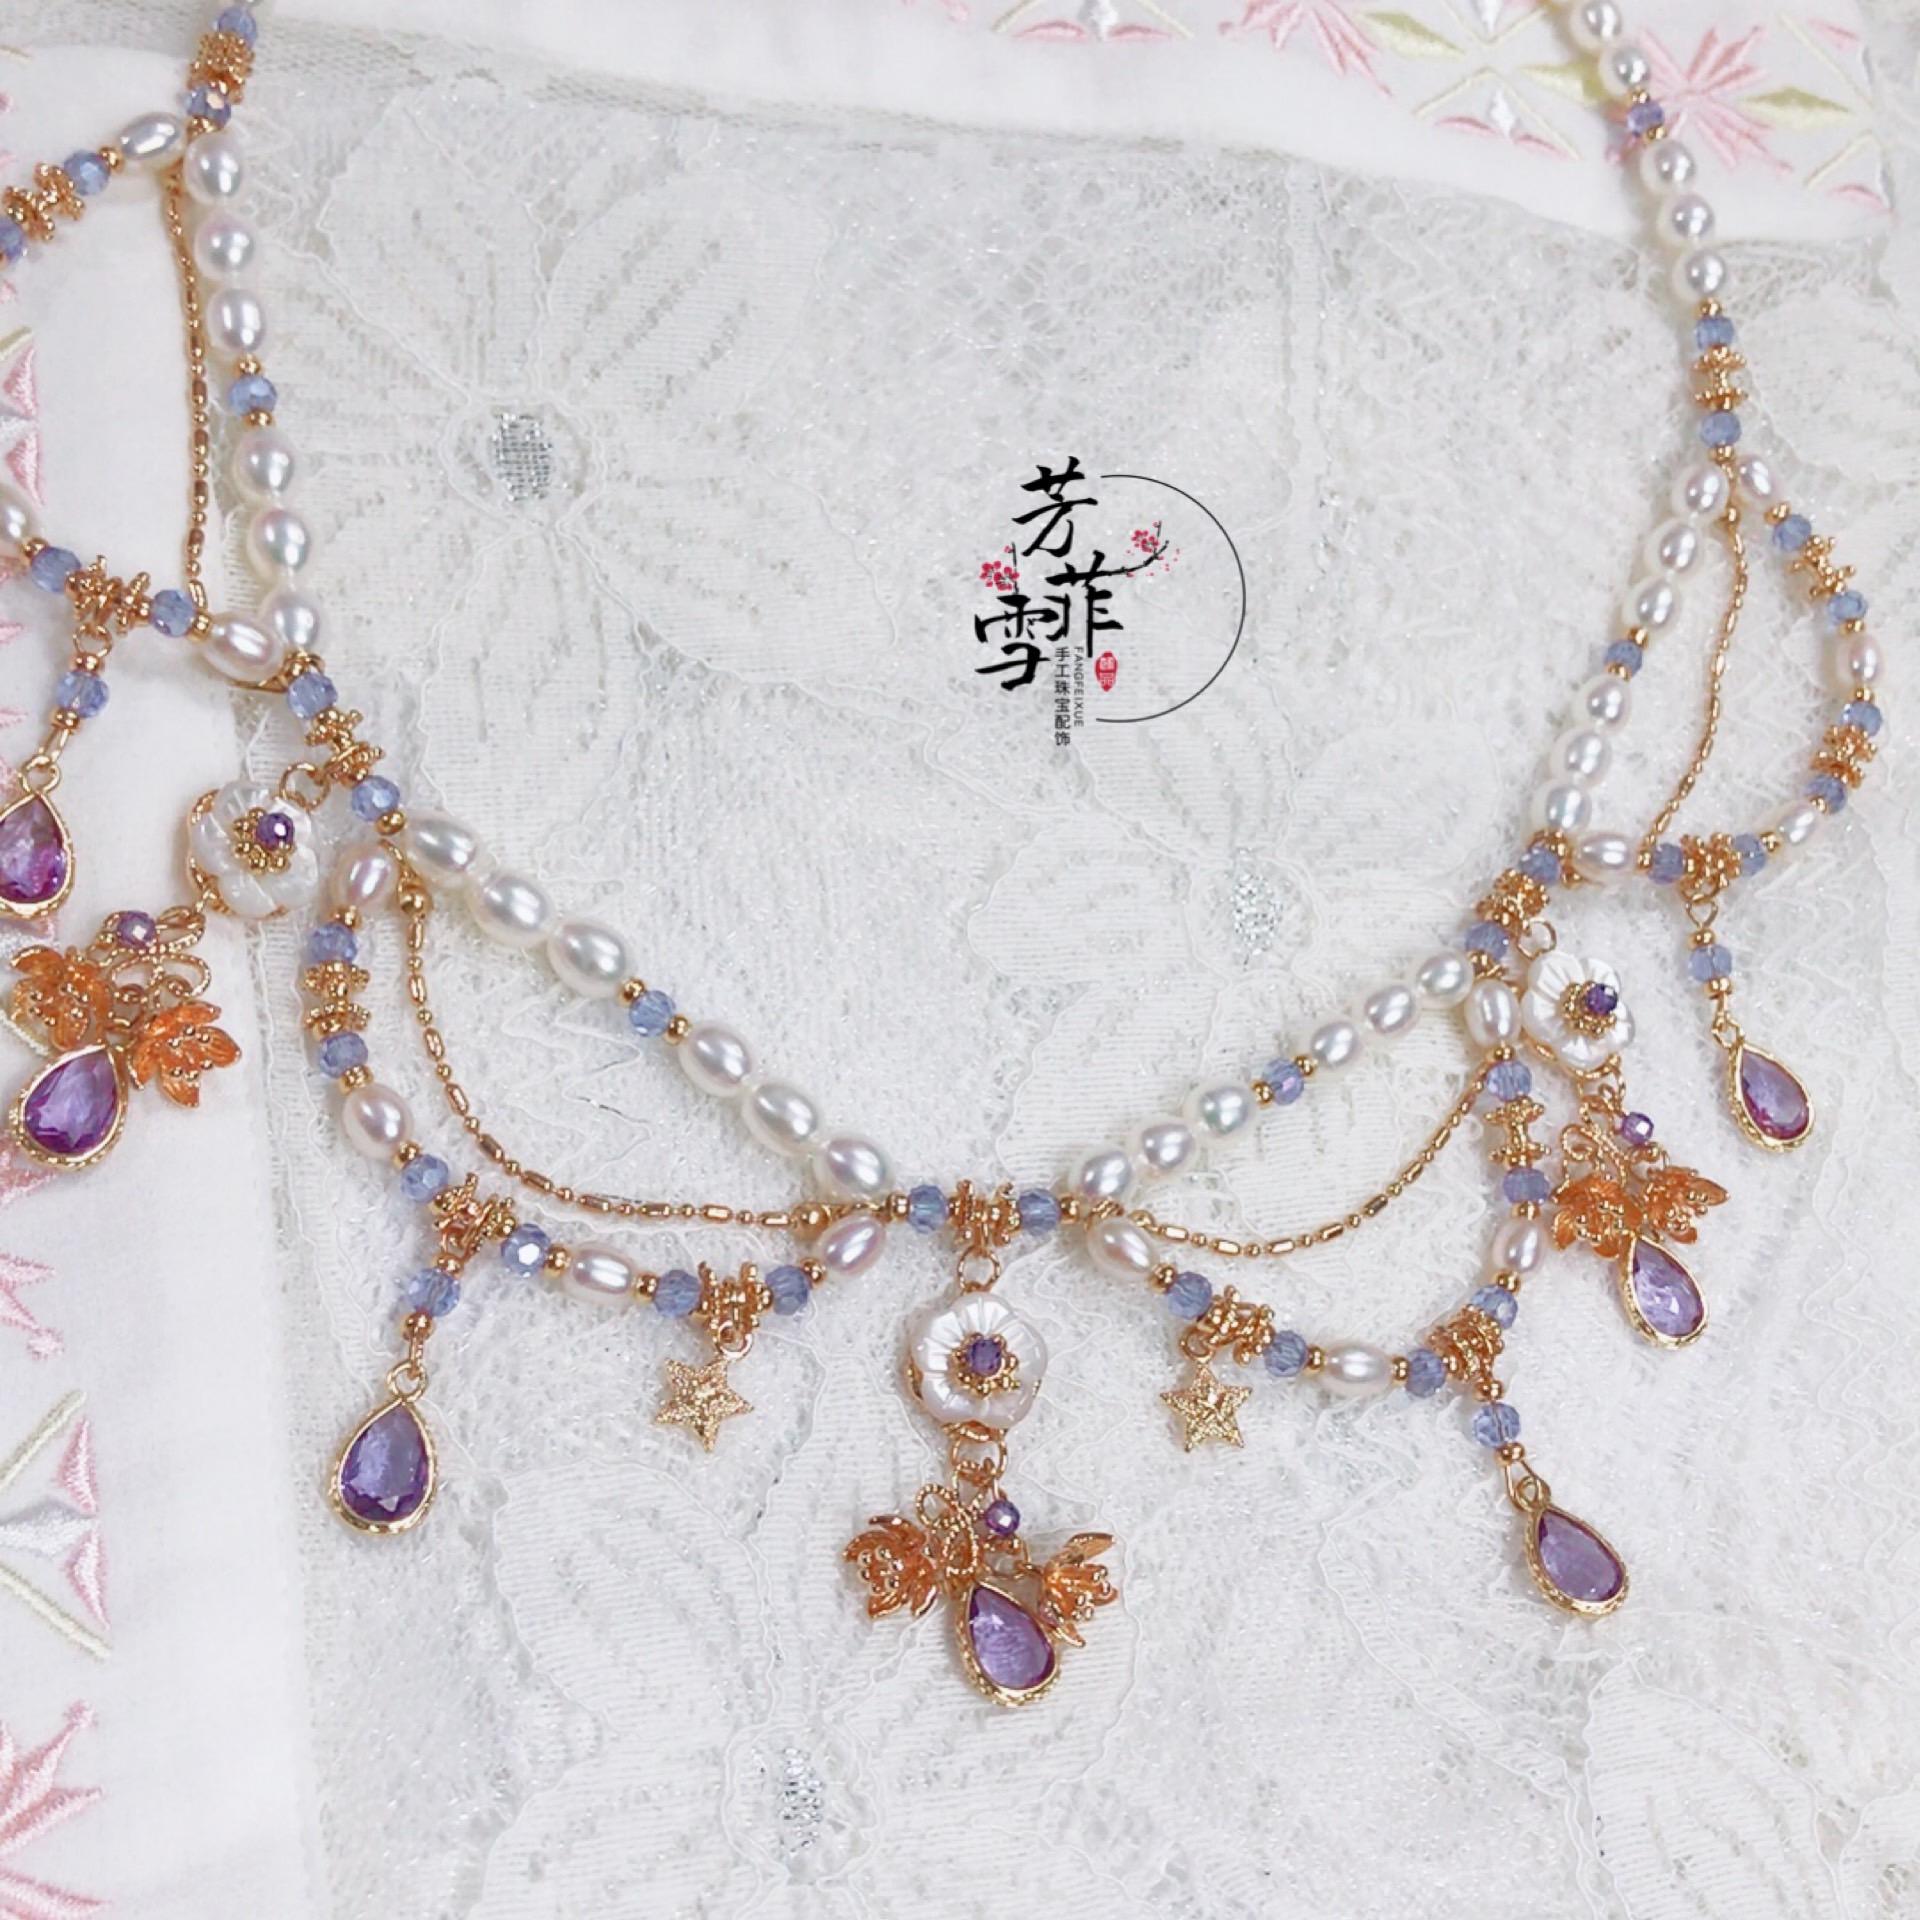 【芳菲雪】手工汉服日常婚嫁淡水珍珠软璎珞额链洛丽塔项链饰品